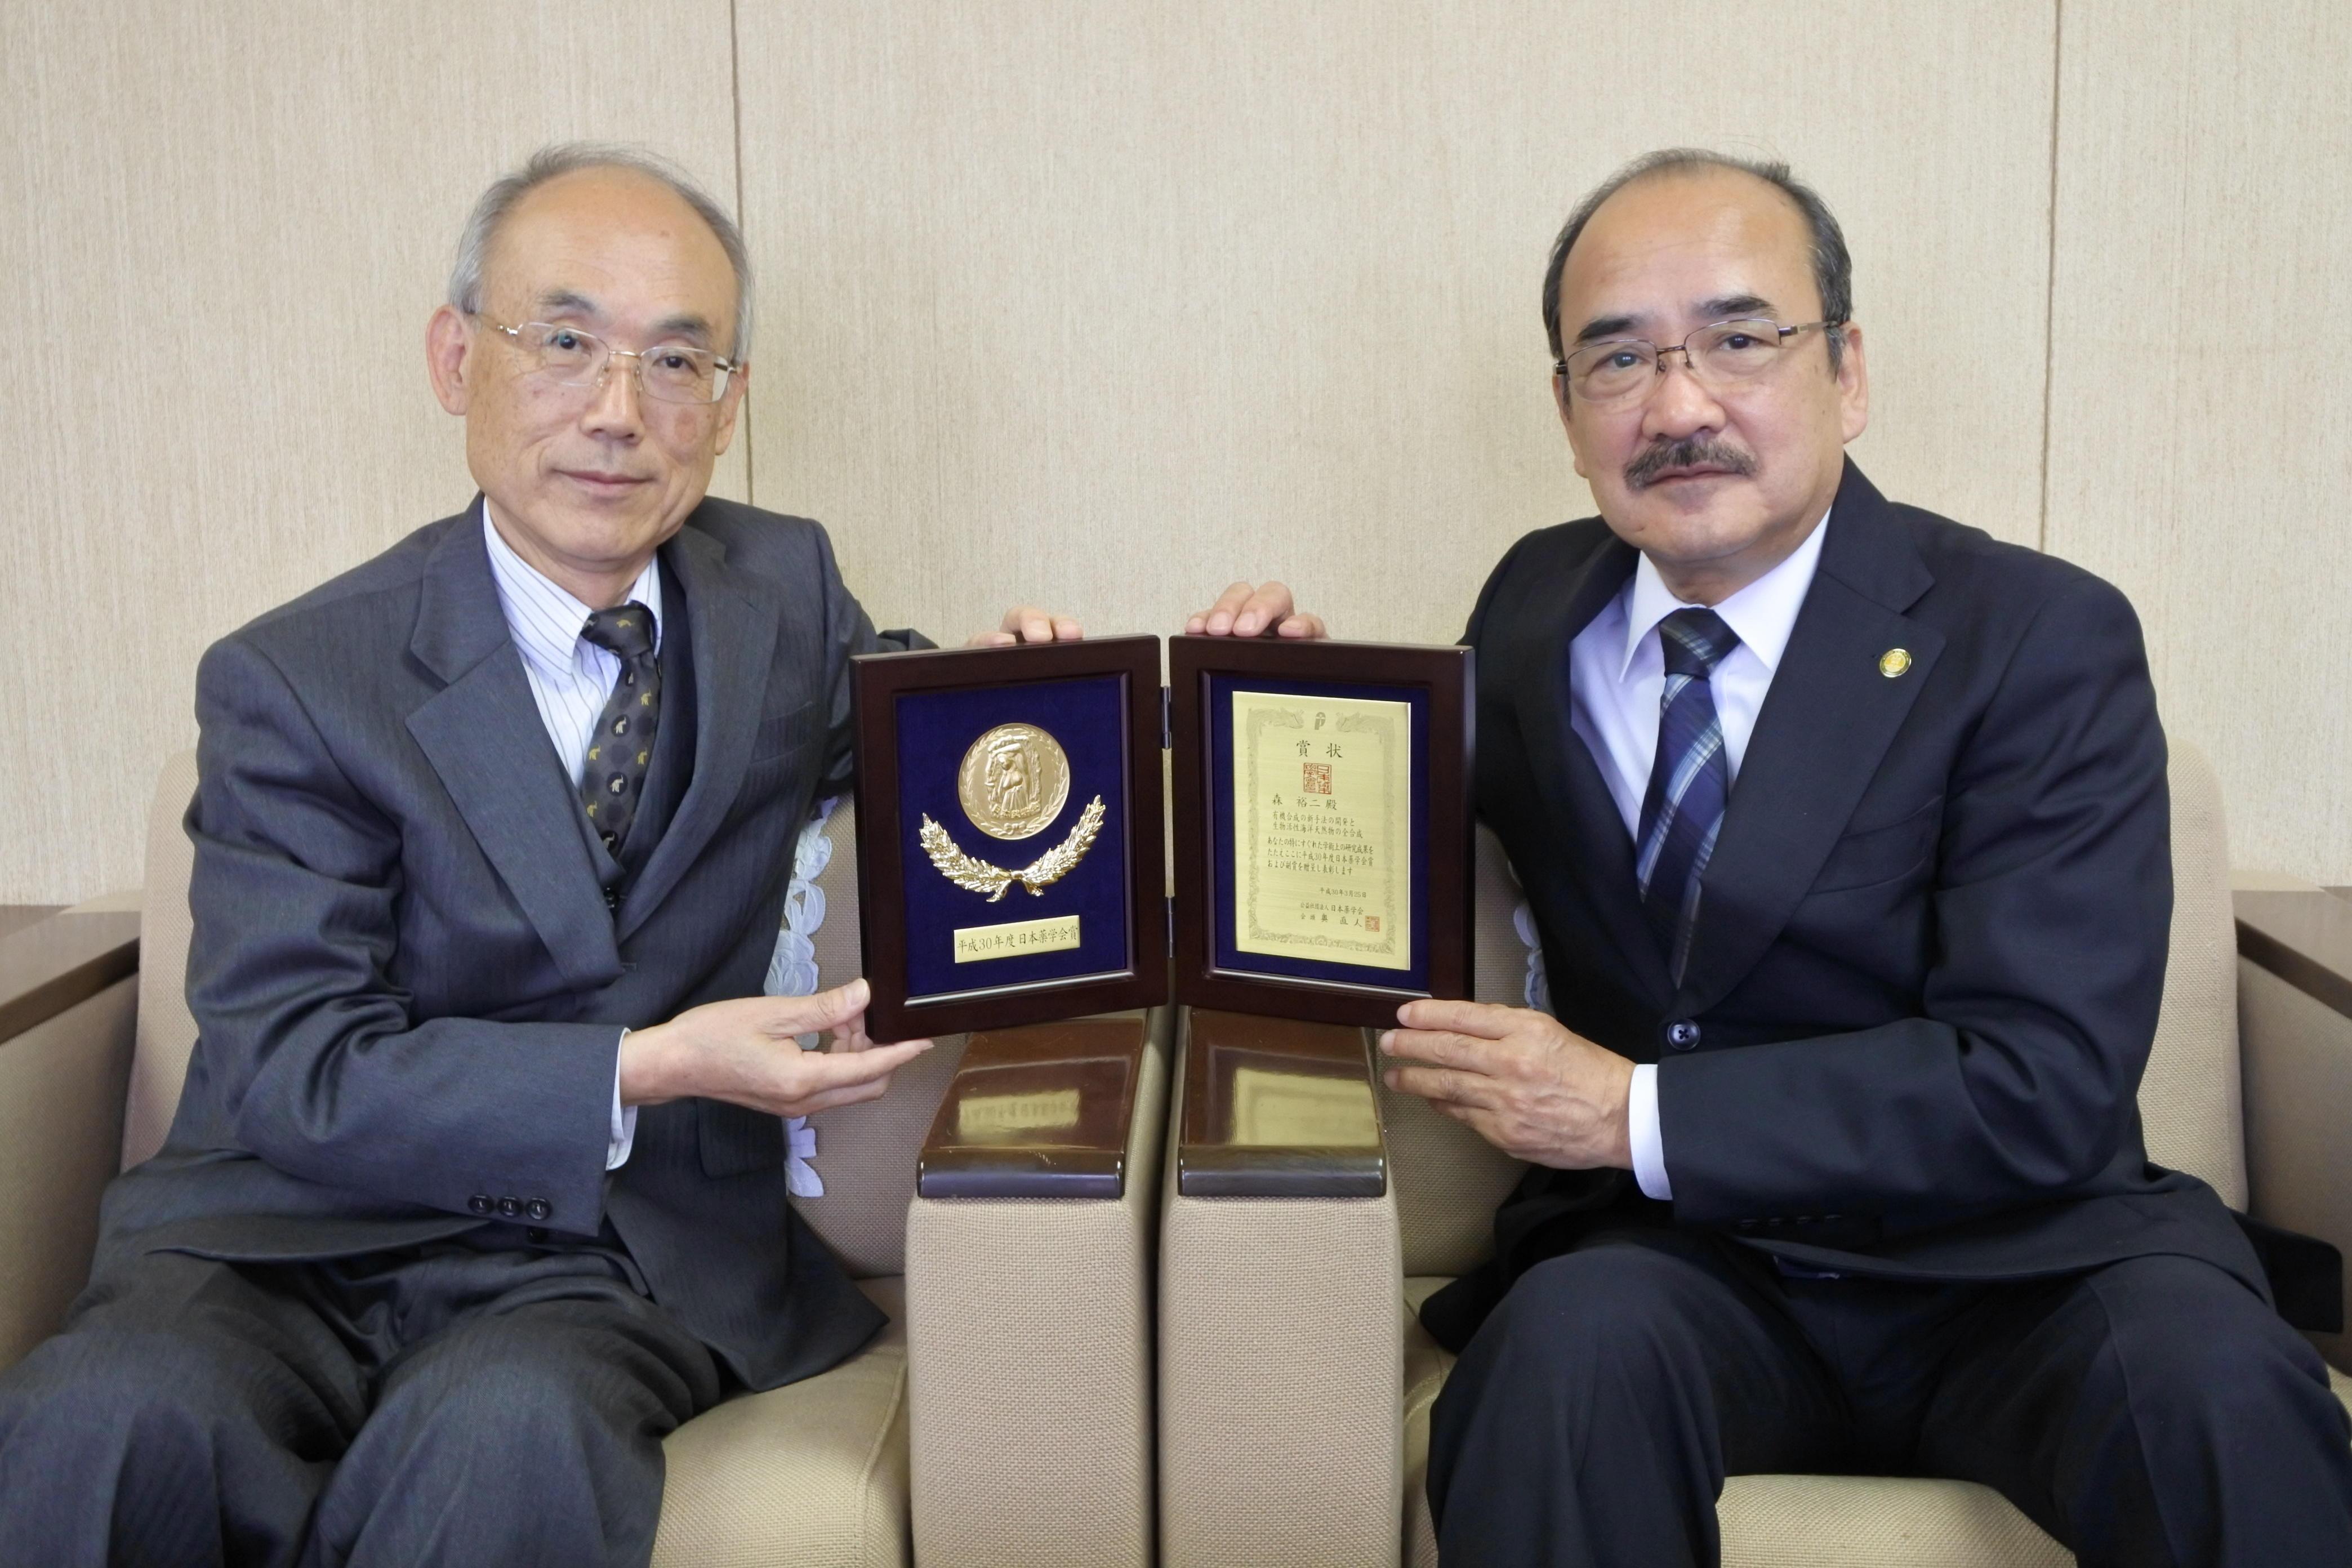 吉久光一学長に薬学会賞の盾を披露した森教授